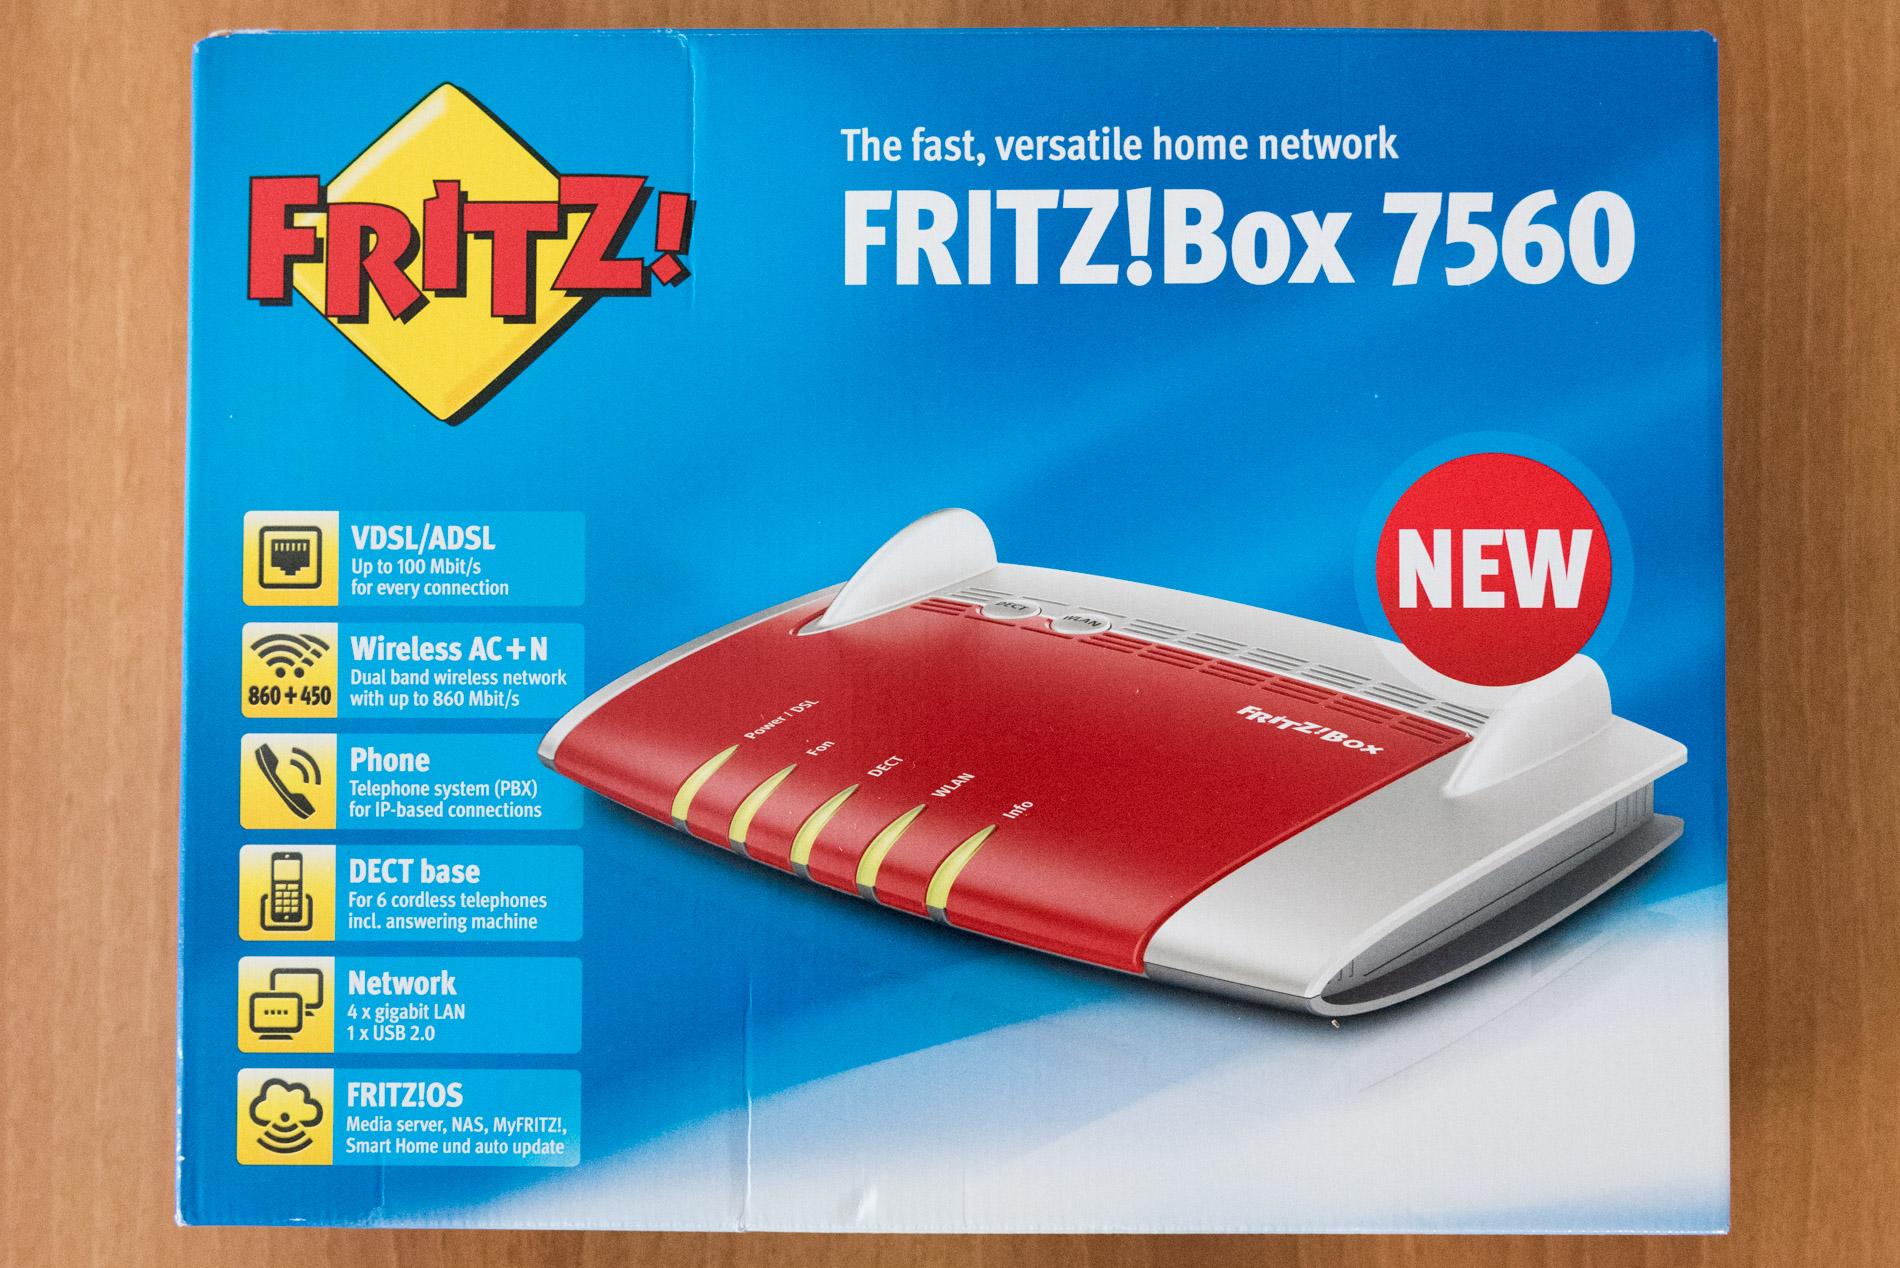 Unboxing FRITZ!Box 7560